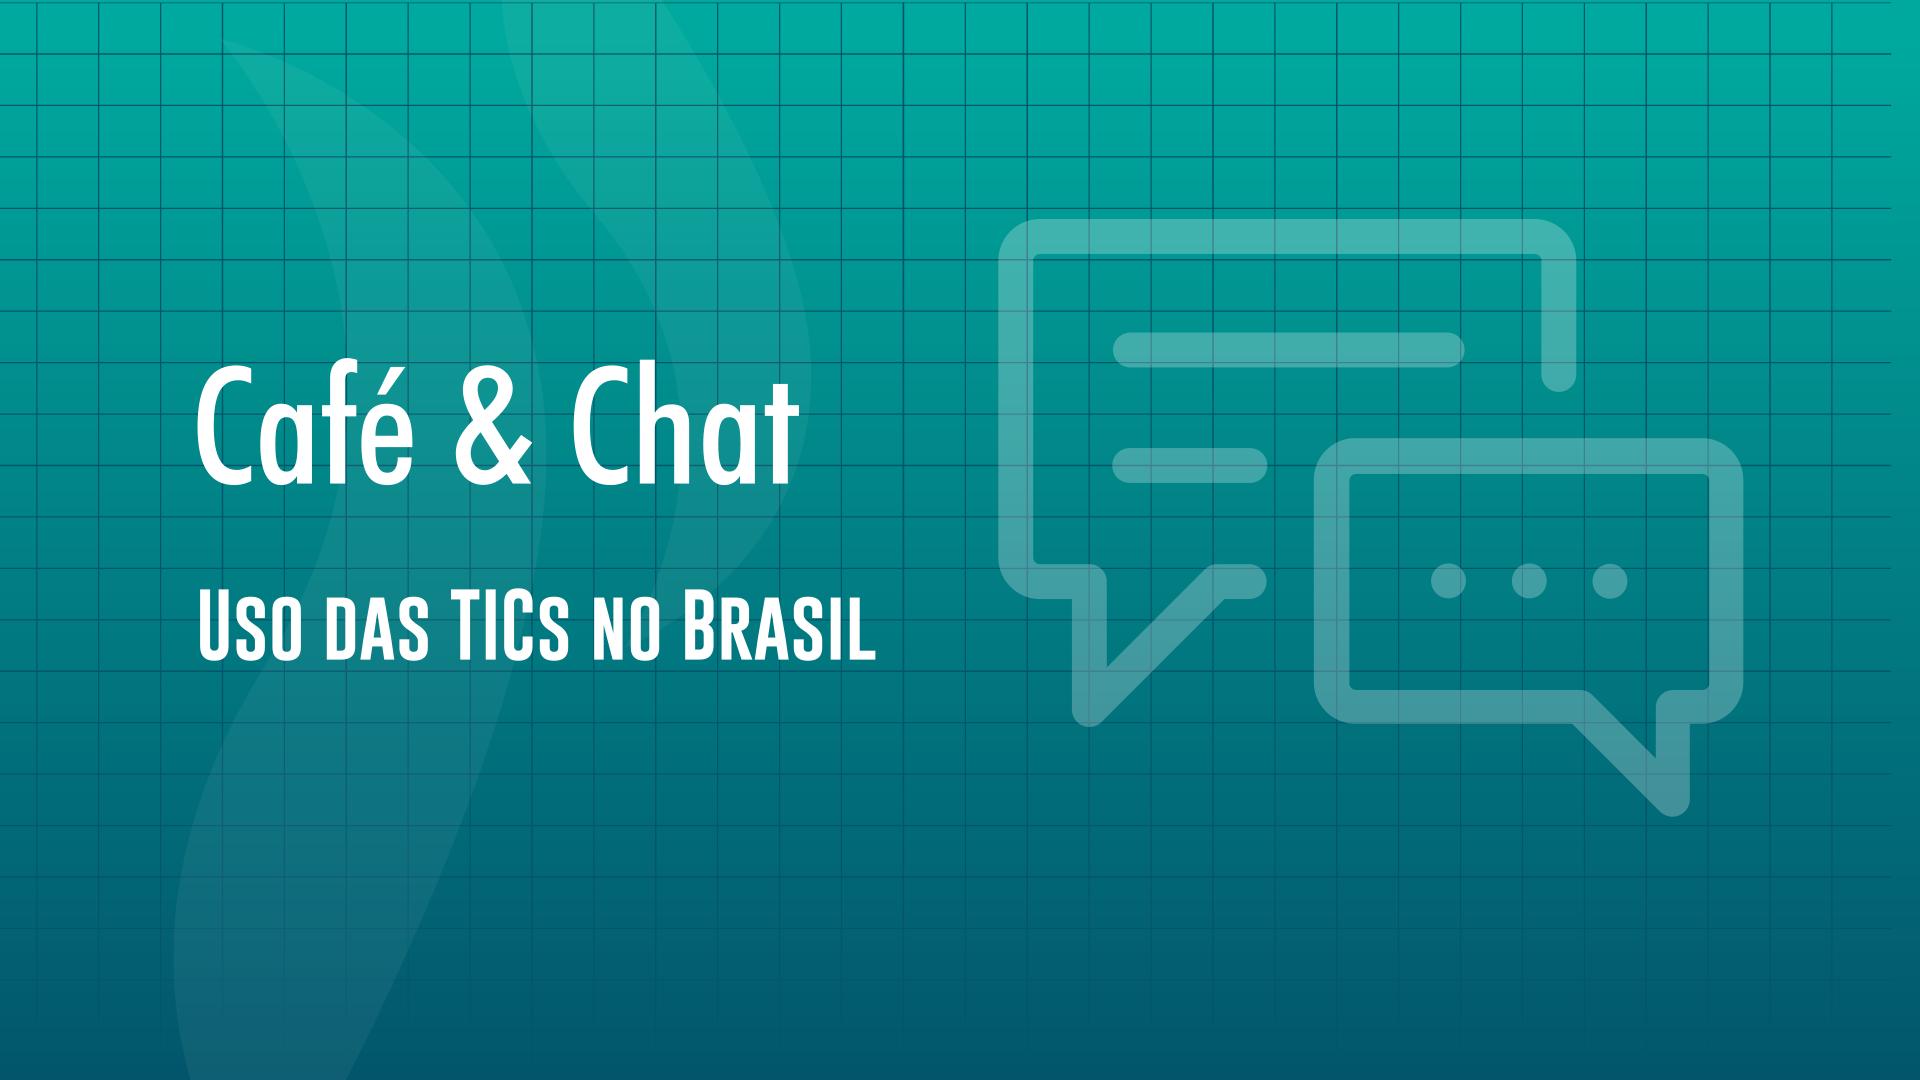 Café & Chat: O Uso das TICs no Brasil